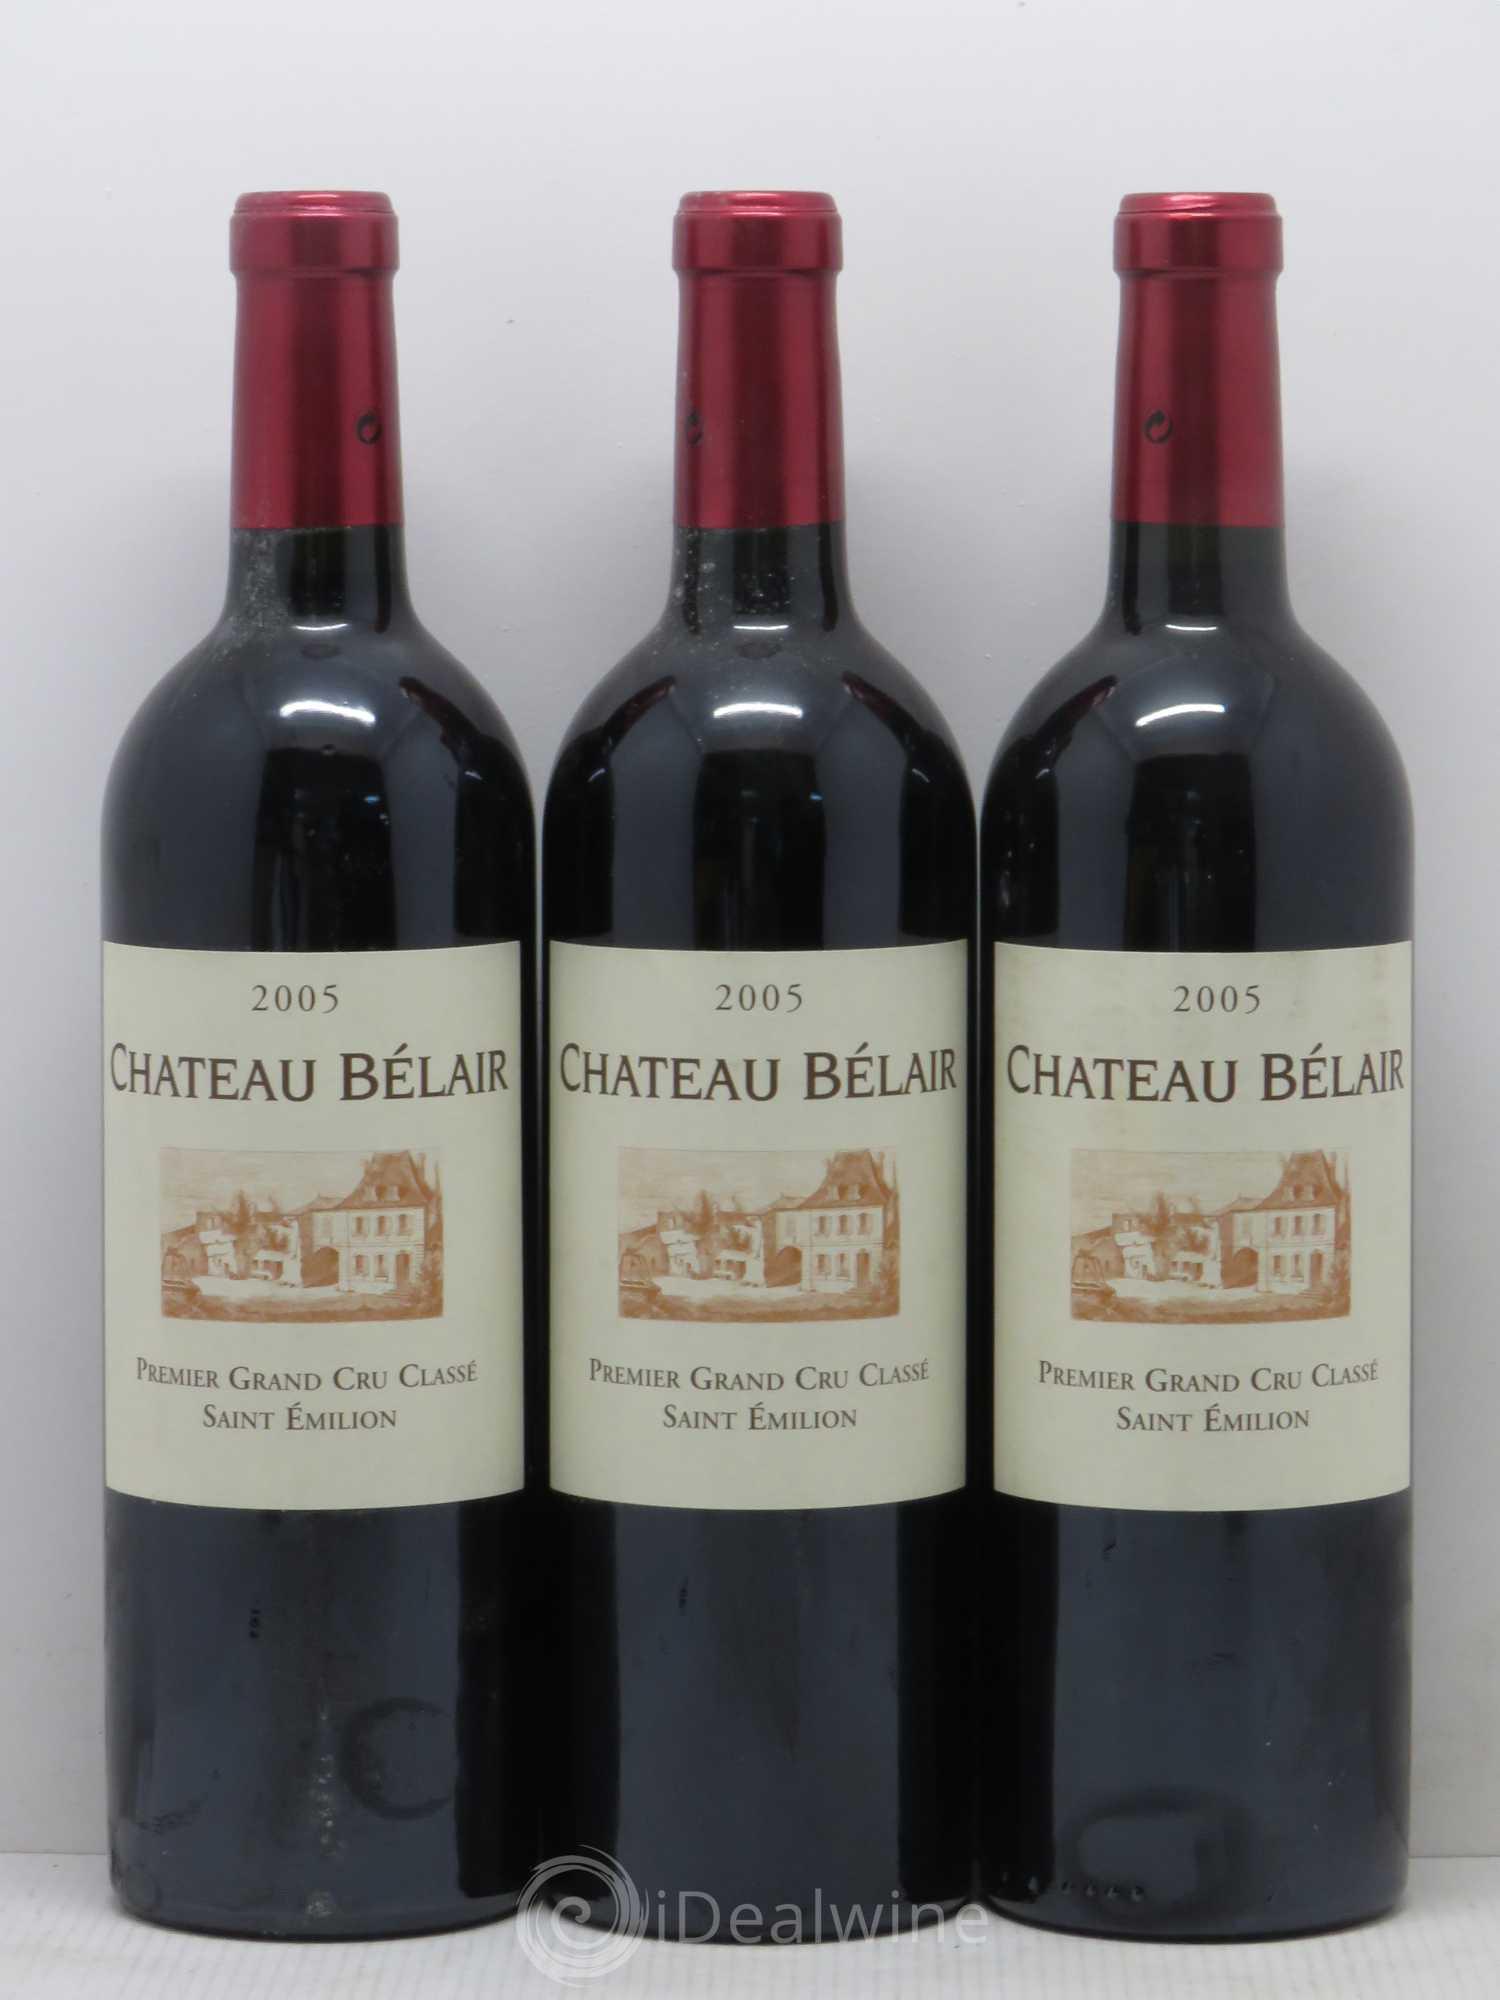 liste des ench res de vins de bordeaux rouge 2010 2009 2005 idealwine. Black Bedroom Furniture Sets. Home Design Ideas